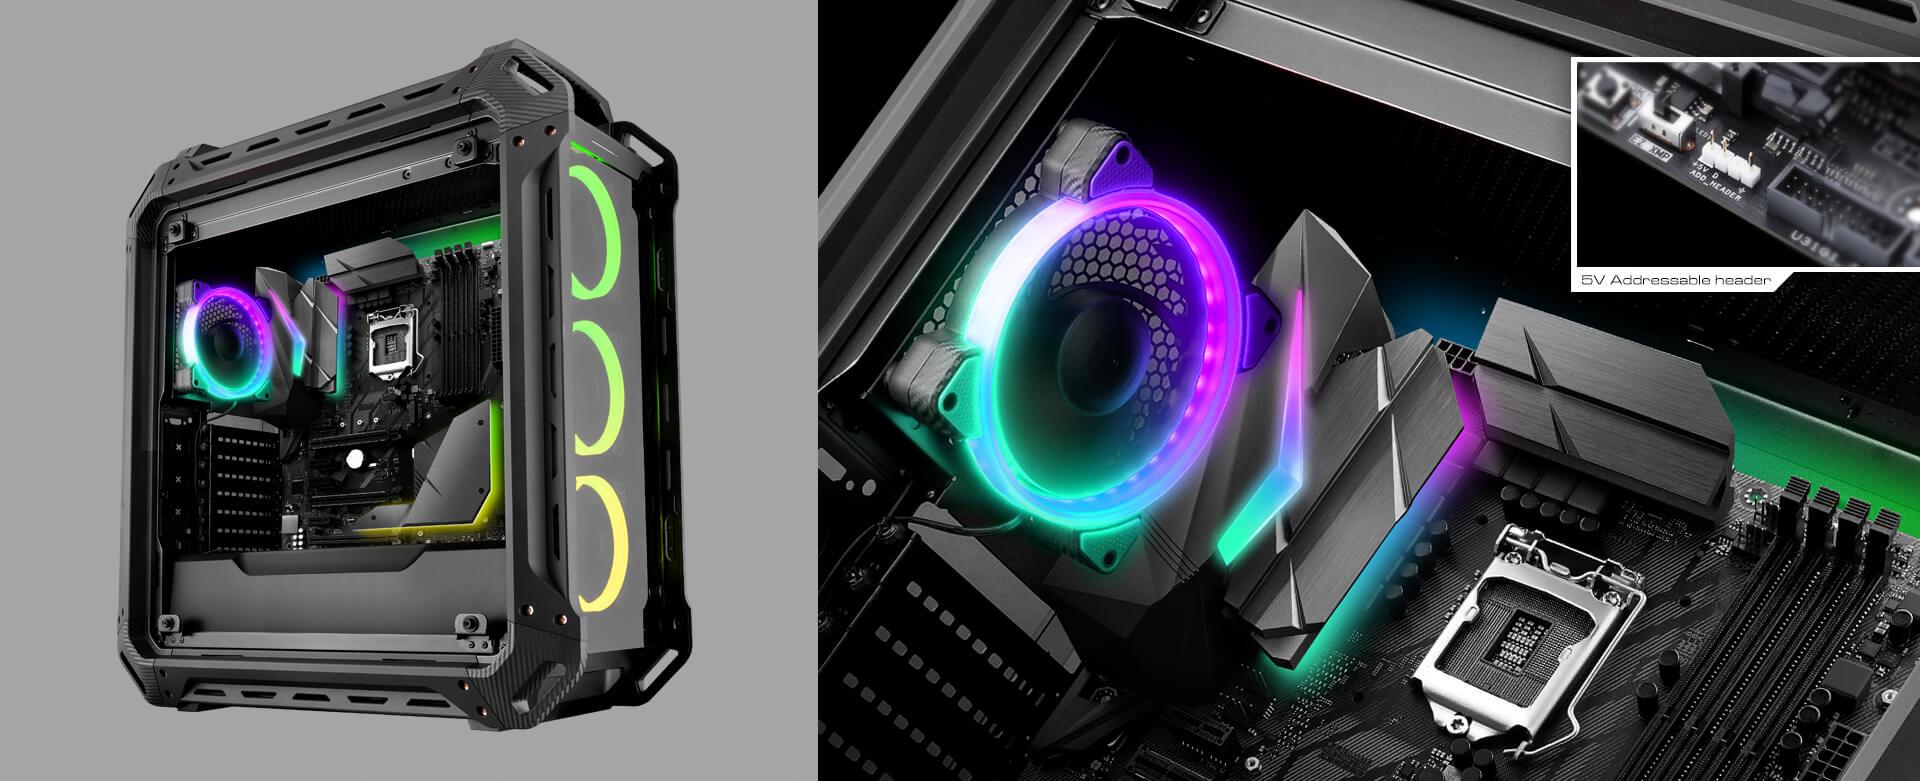 COUGAR Vortex RGB FCB 120 Cooling Kit- Cooling Fans - COUGAR